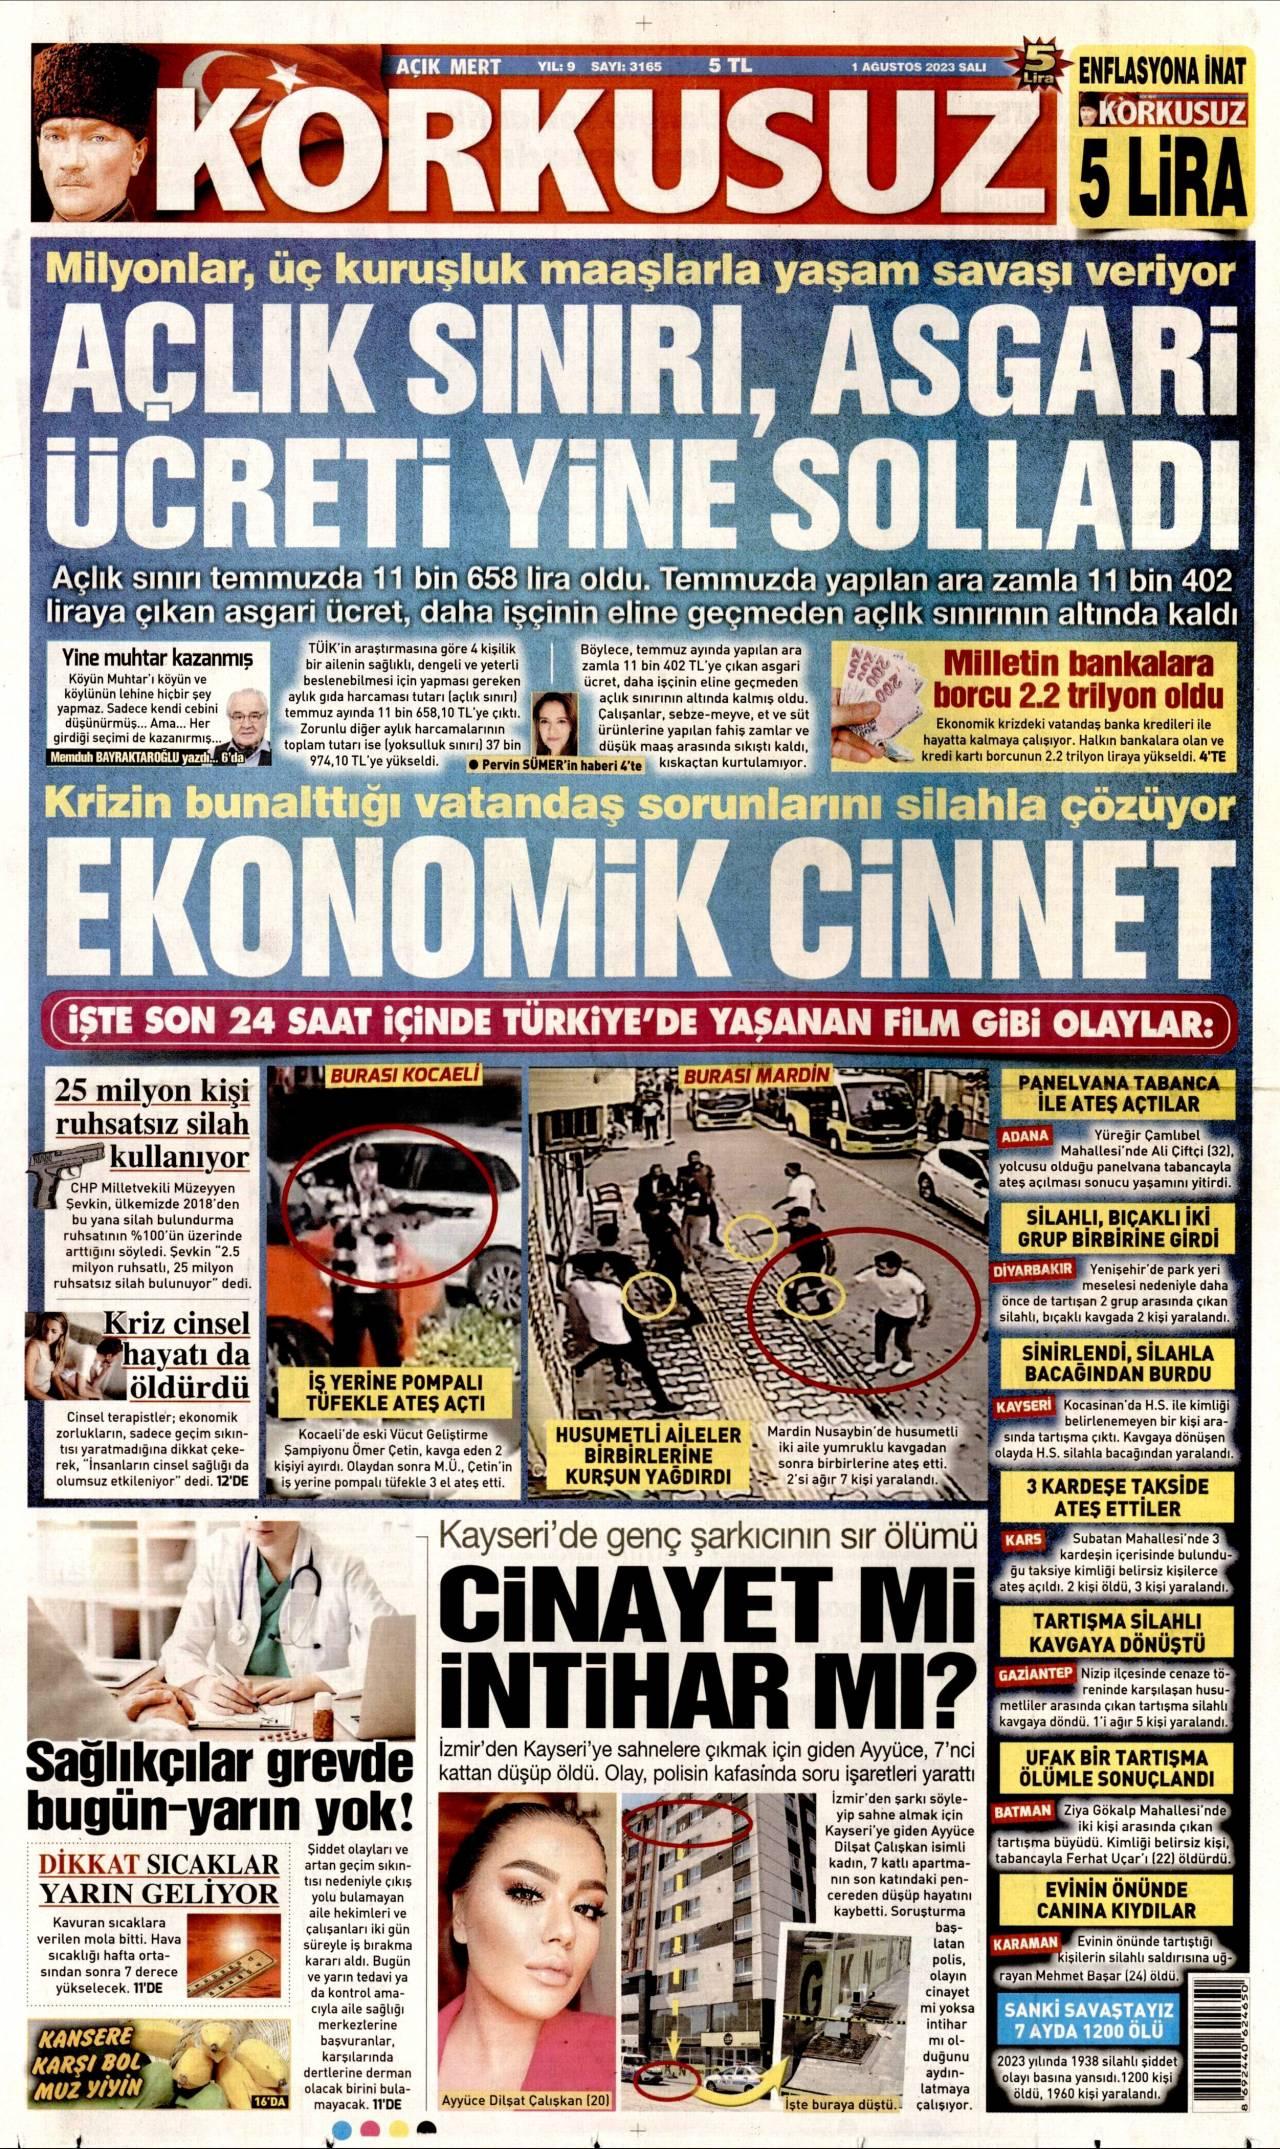 17.01.2018 tarihli Korkusuz gazetesinin 1. sayfası